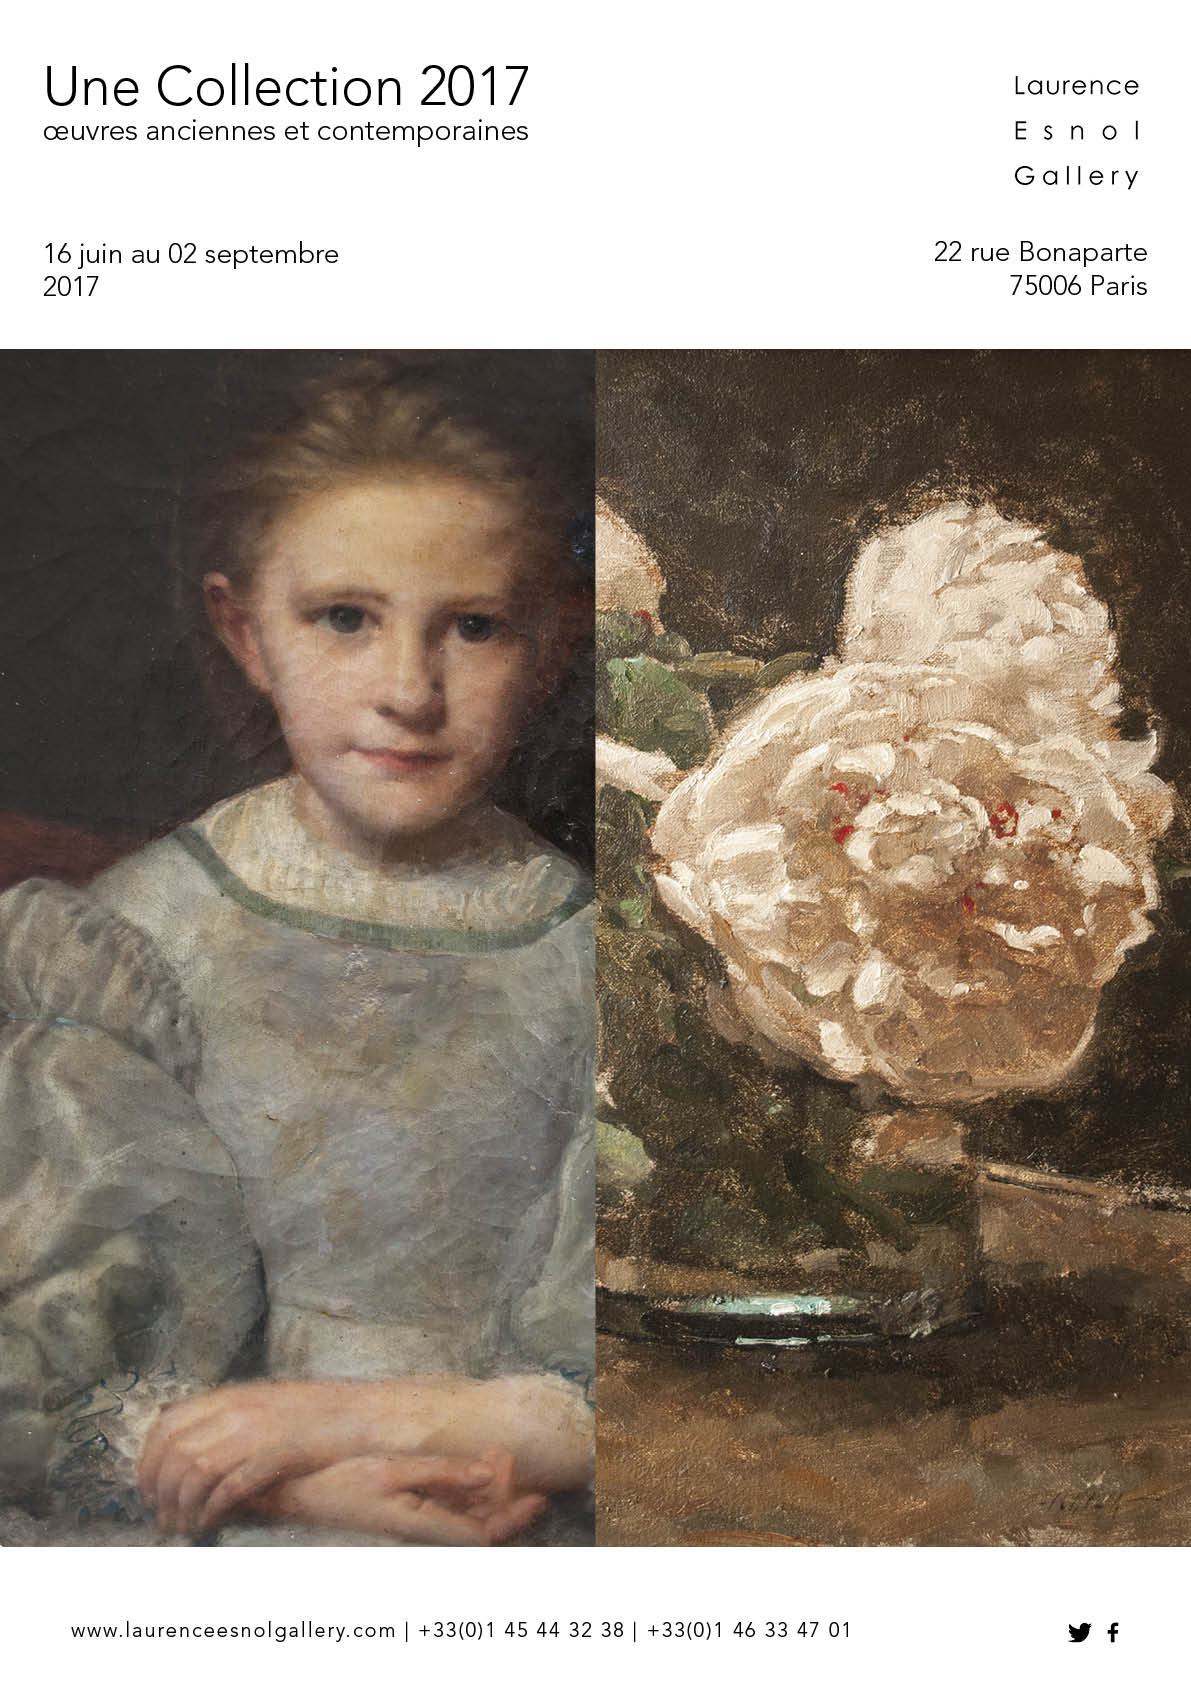 oeuvres anciennes et contemporaines